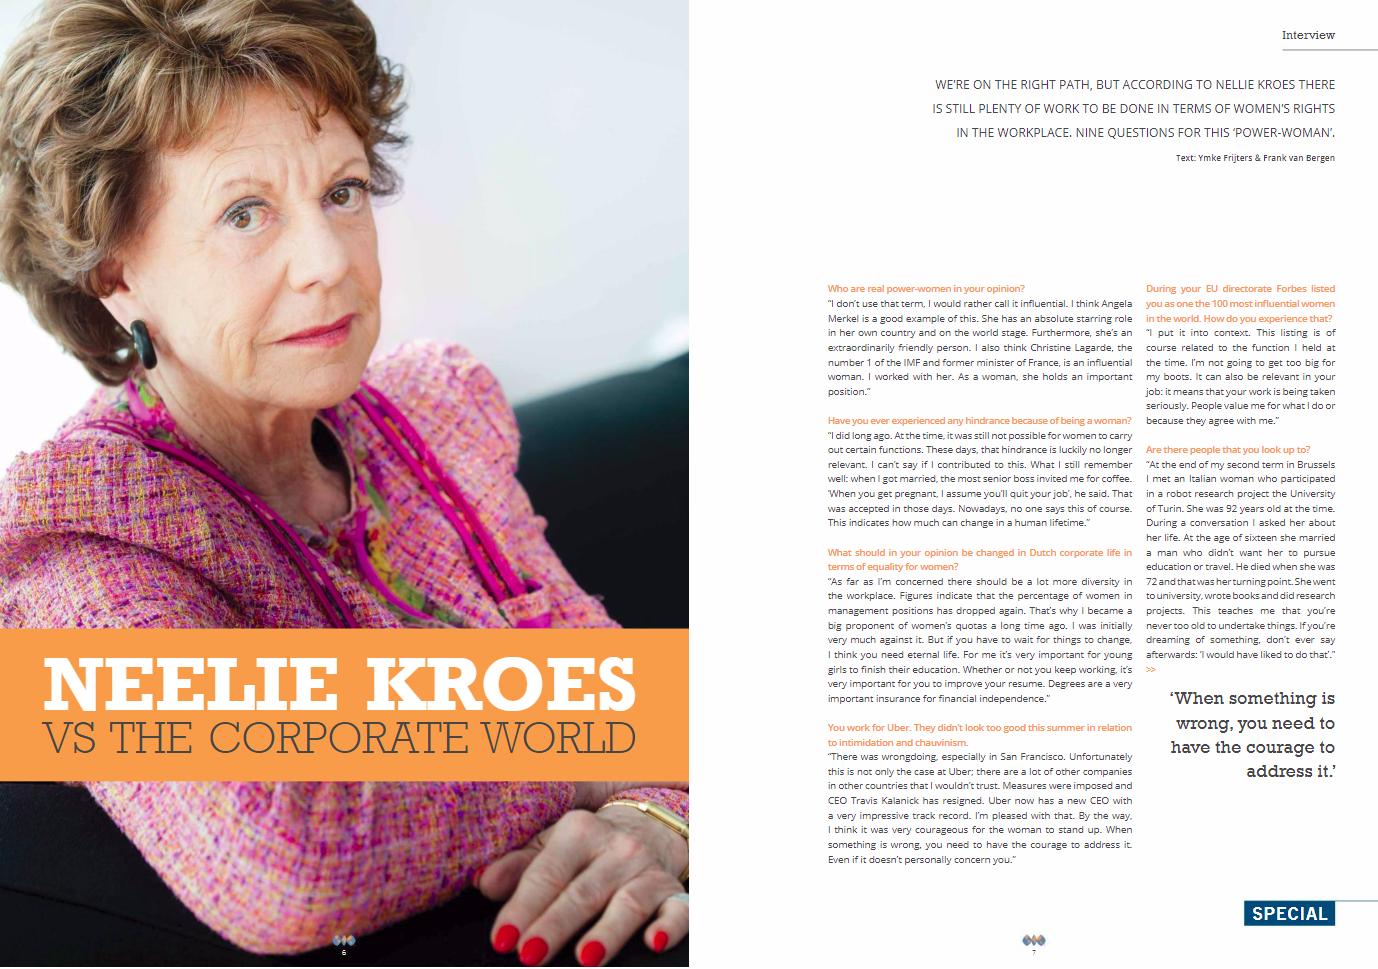 Neelie Kroes vindt dat er nog een hoop mag veranderen rondom vrouwen in de zakenwereld.